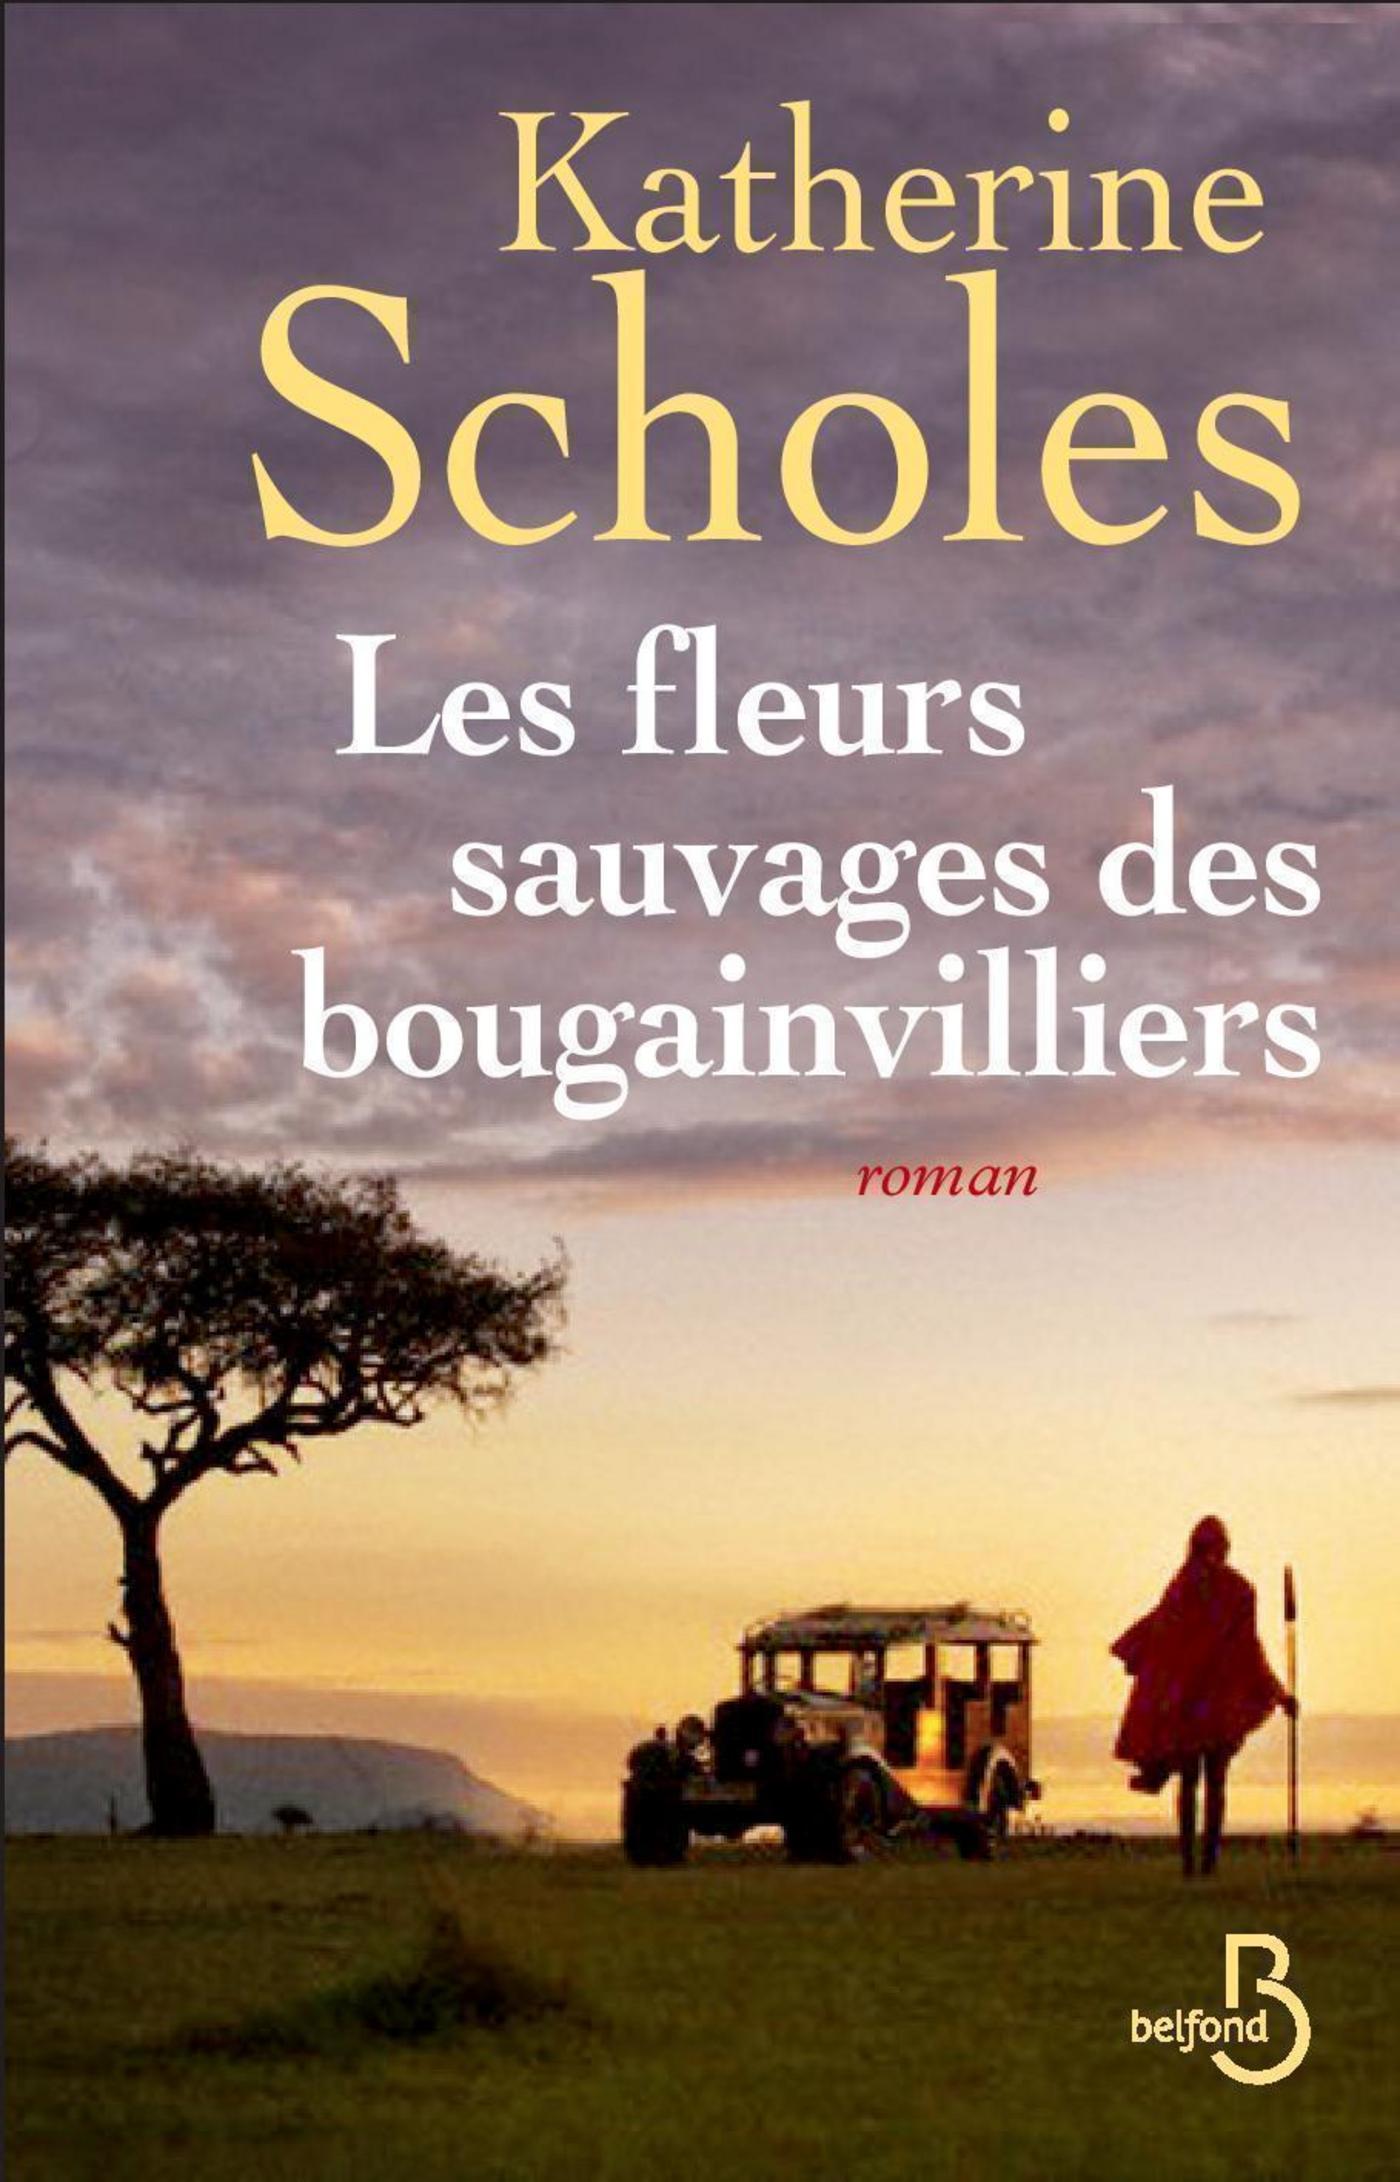 Les fleurs sauvages des bougainvilliers (ebook)